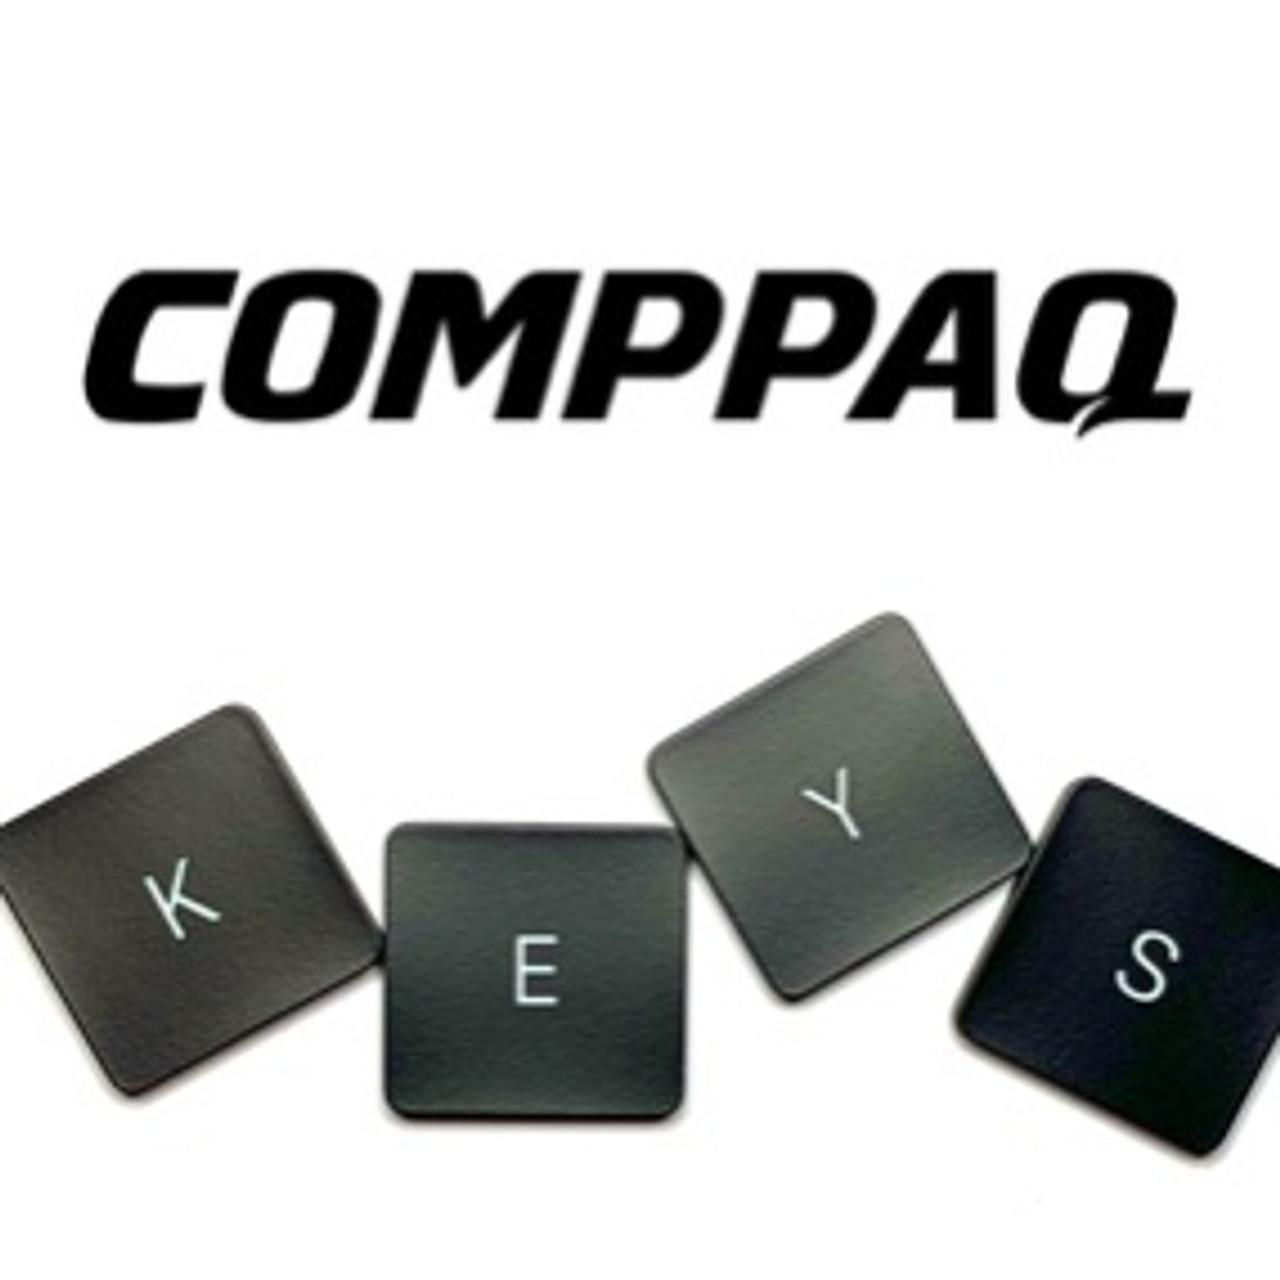 Black HP G62 Compaq CQ62 Replacement Key